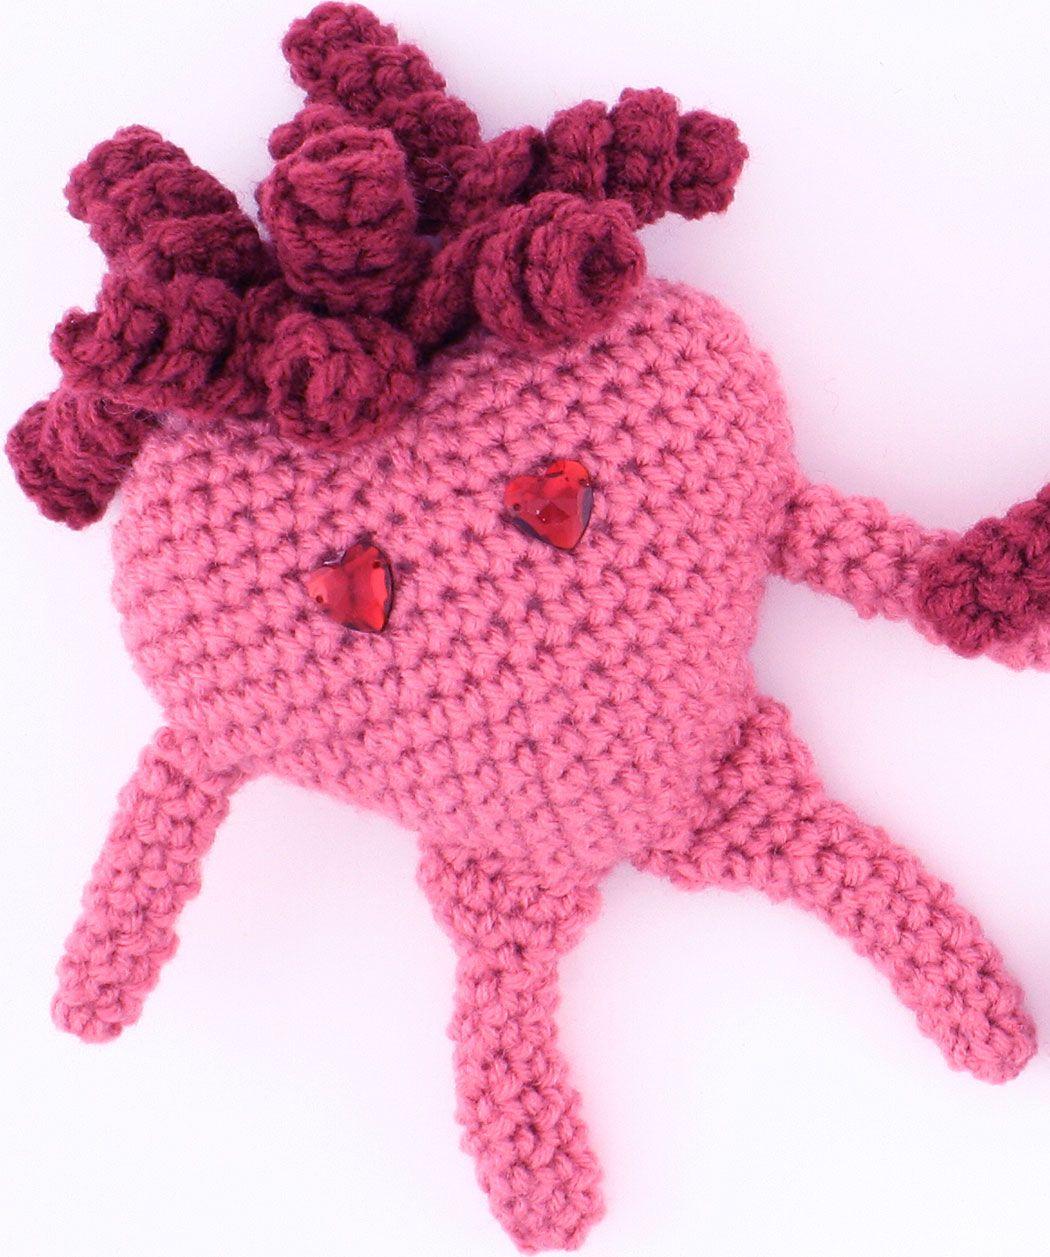 Red+Heart+Crochet+Scarf+Patterns   Amigurumi Heart Crochet Pattern ...